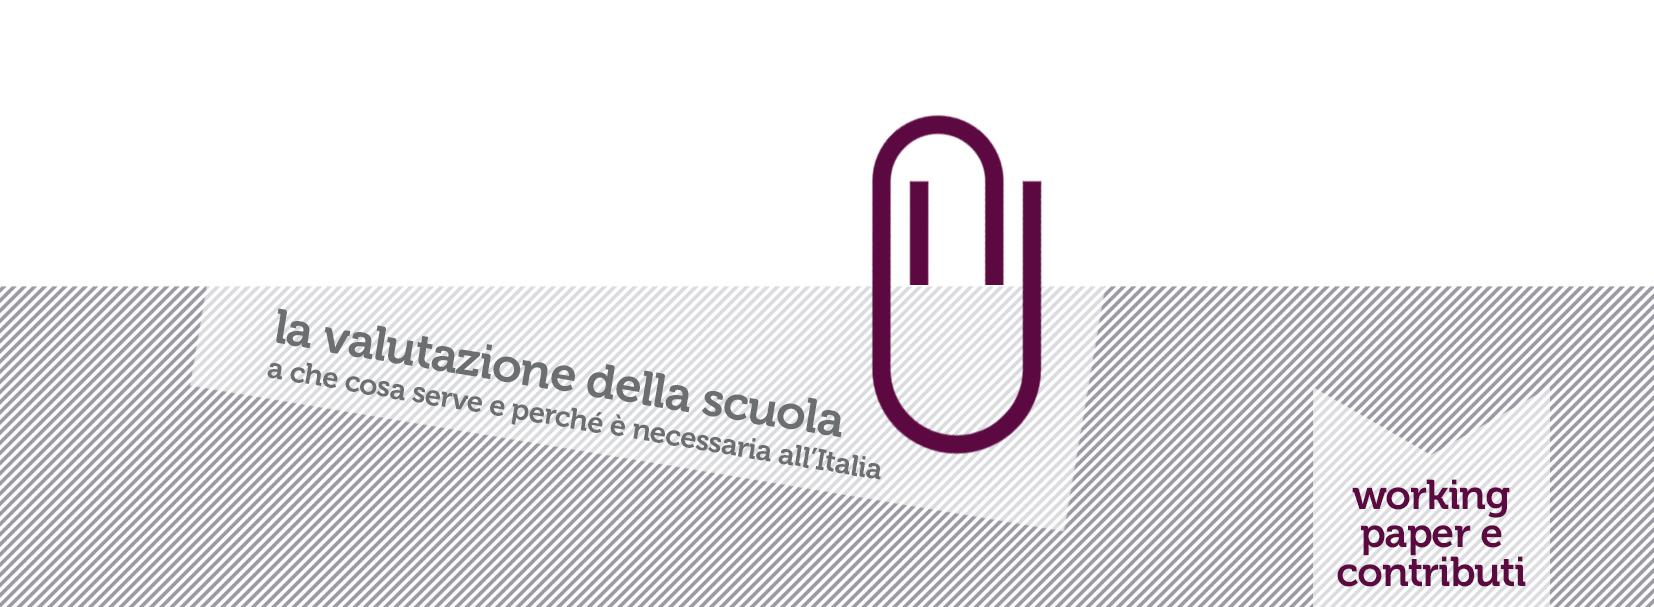 Il ruolo dei processi autovalutativi, di Mario Castoldi